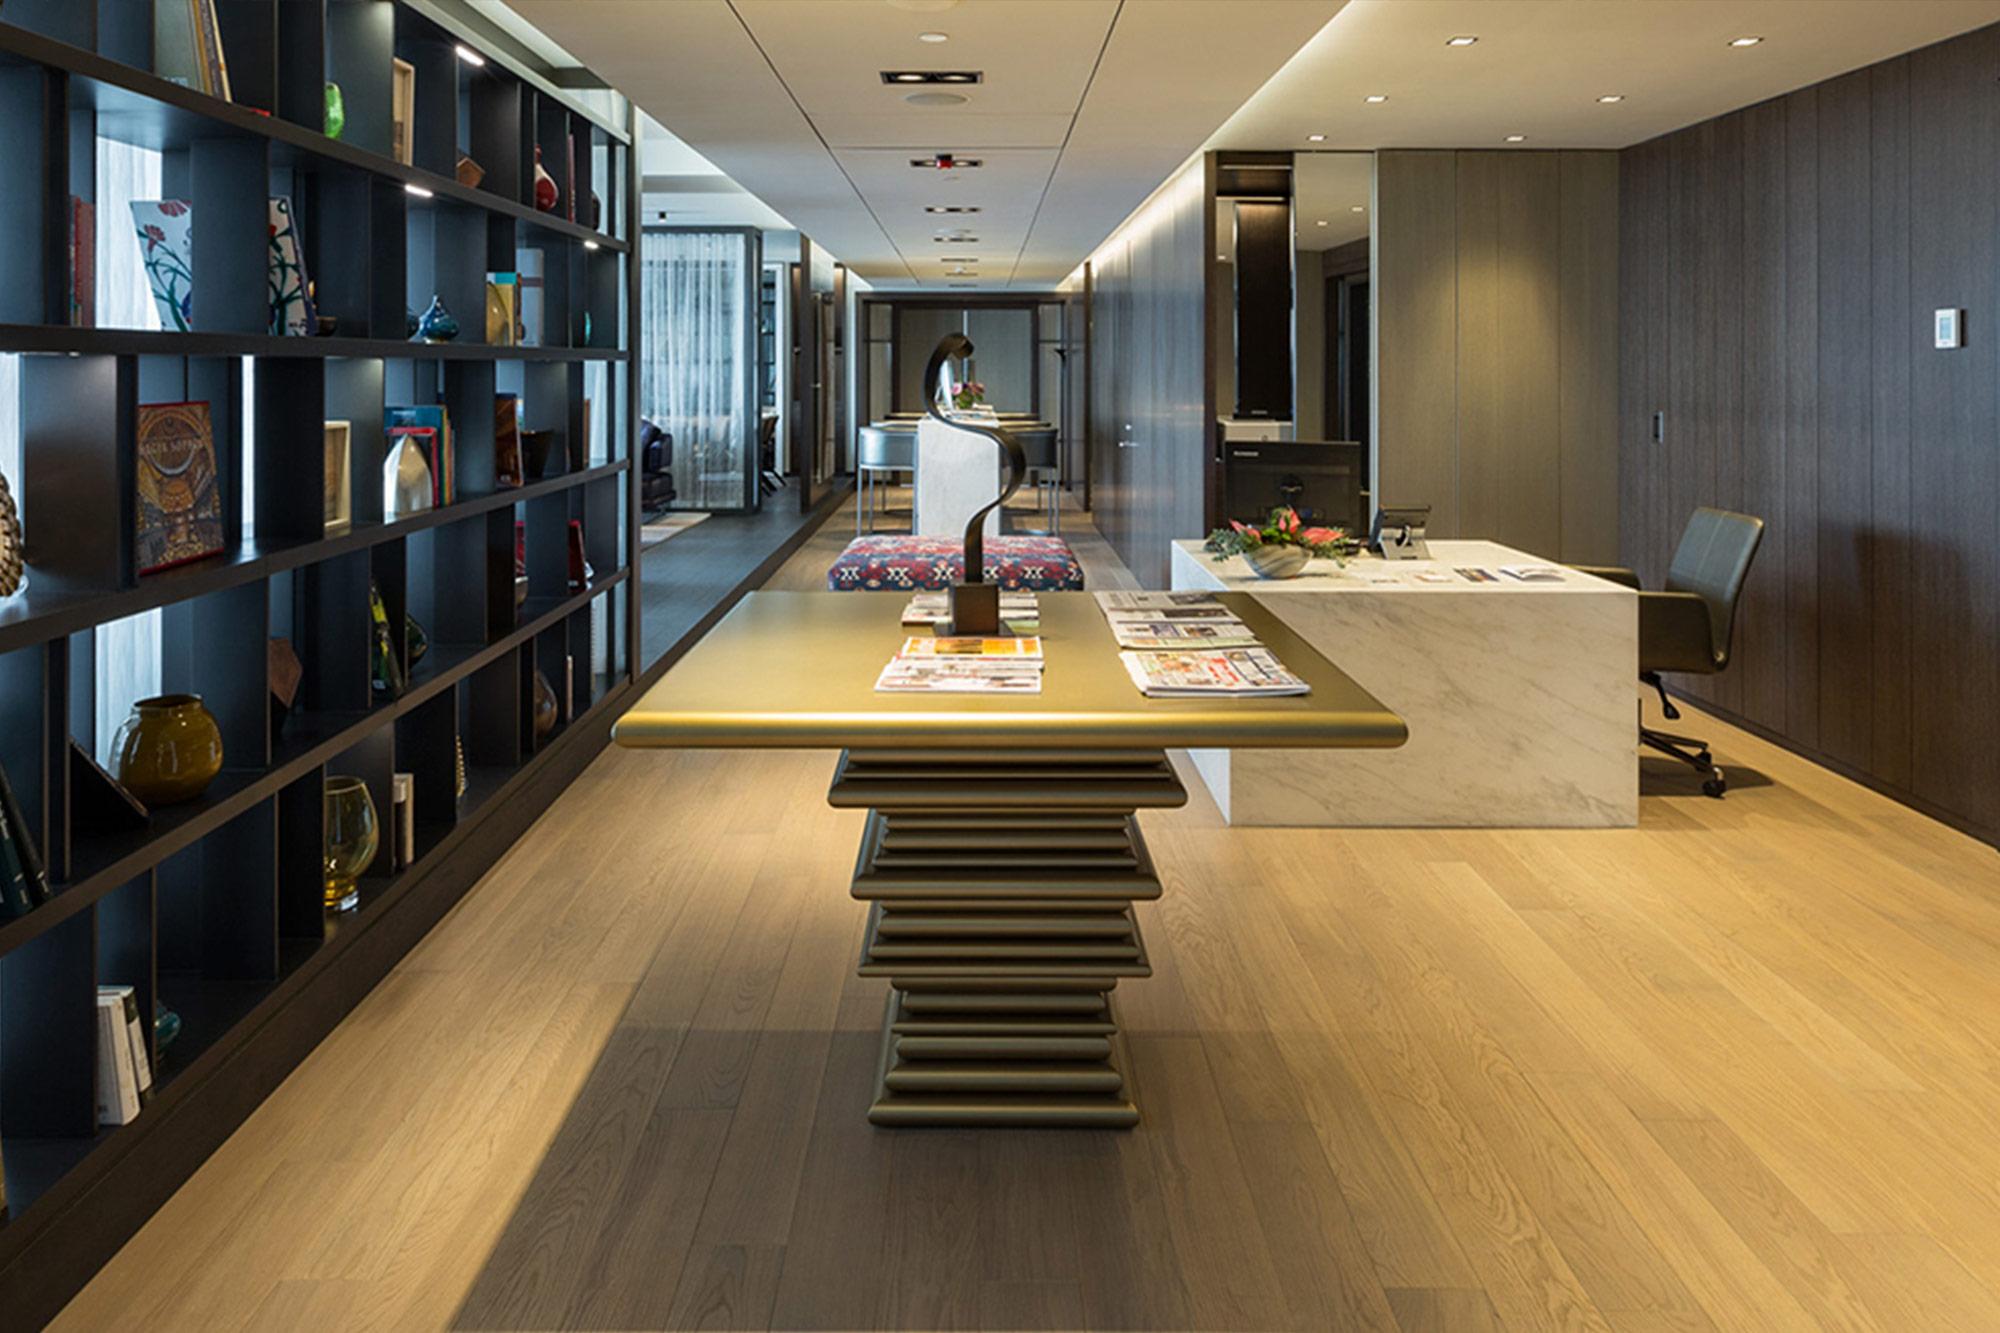 arkilight_fairmont_gold_lounge.jpg